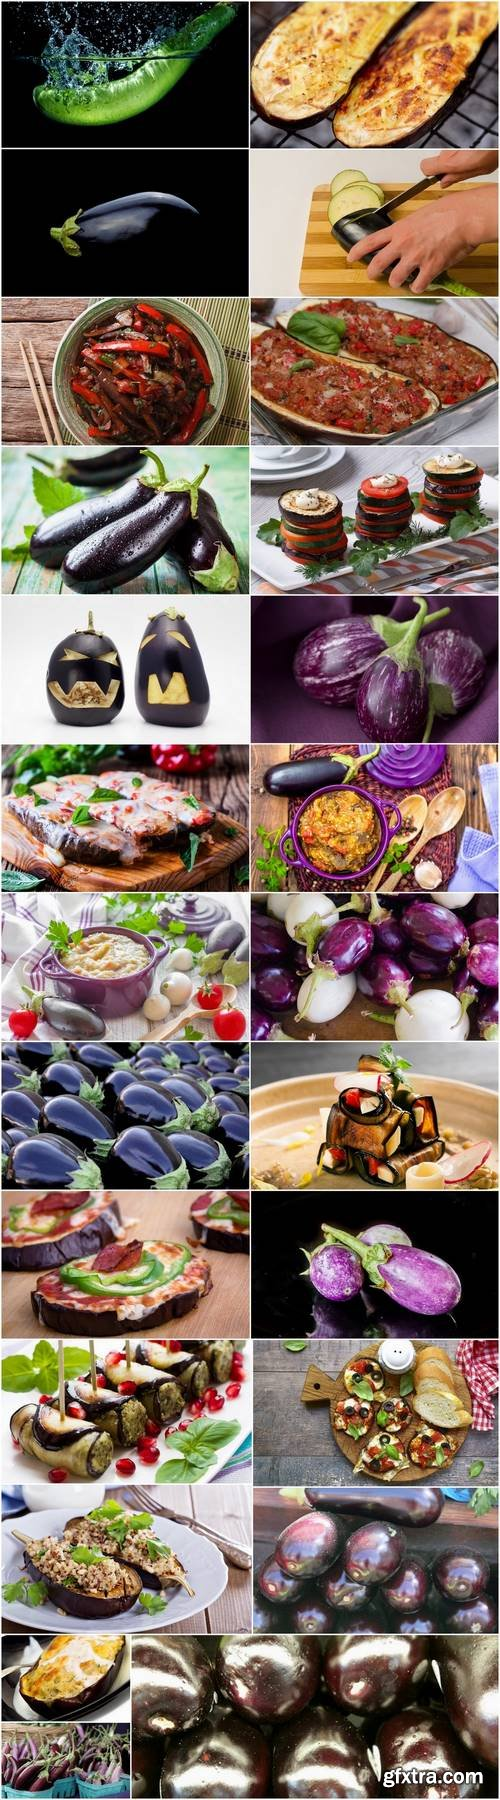 Eggplant vegetable dish salad 25 HQ Jpeg